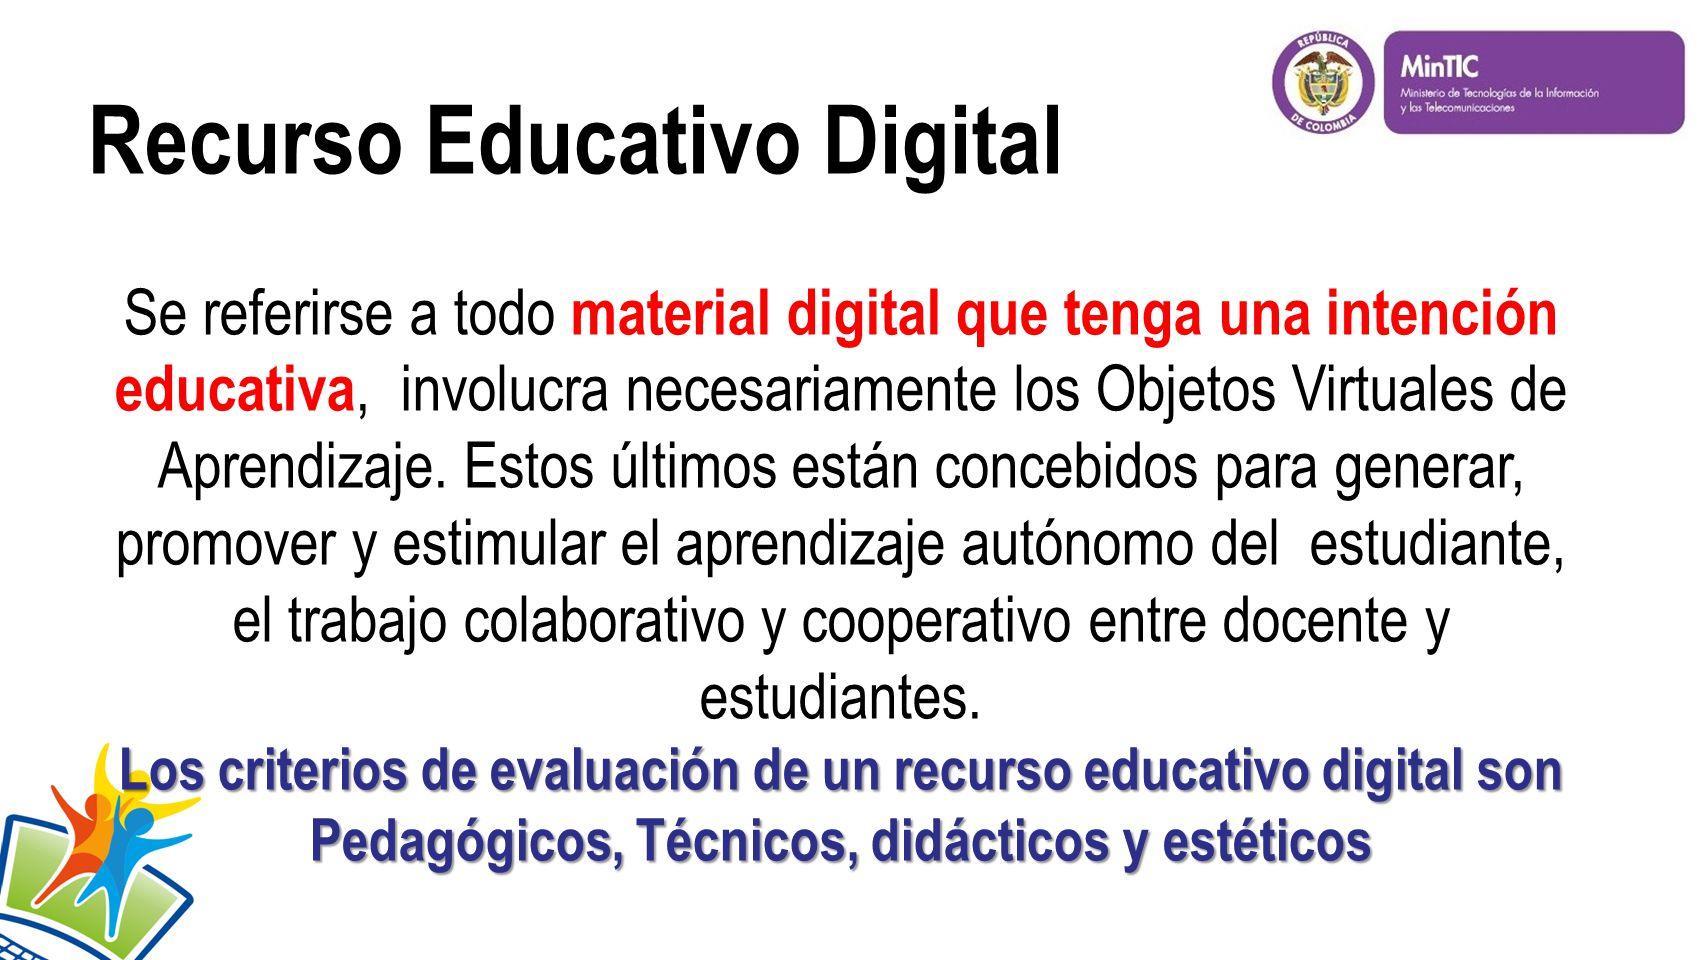 Recurso Educativo Digital Se referirse a todo material digital que tenga una intención educativa, involucra necesariamente los Objetos Virtuales de Aprendizaje.